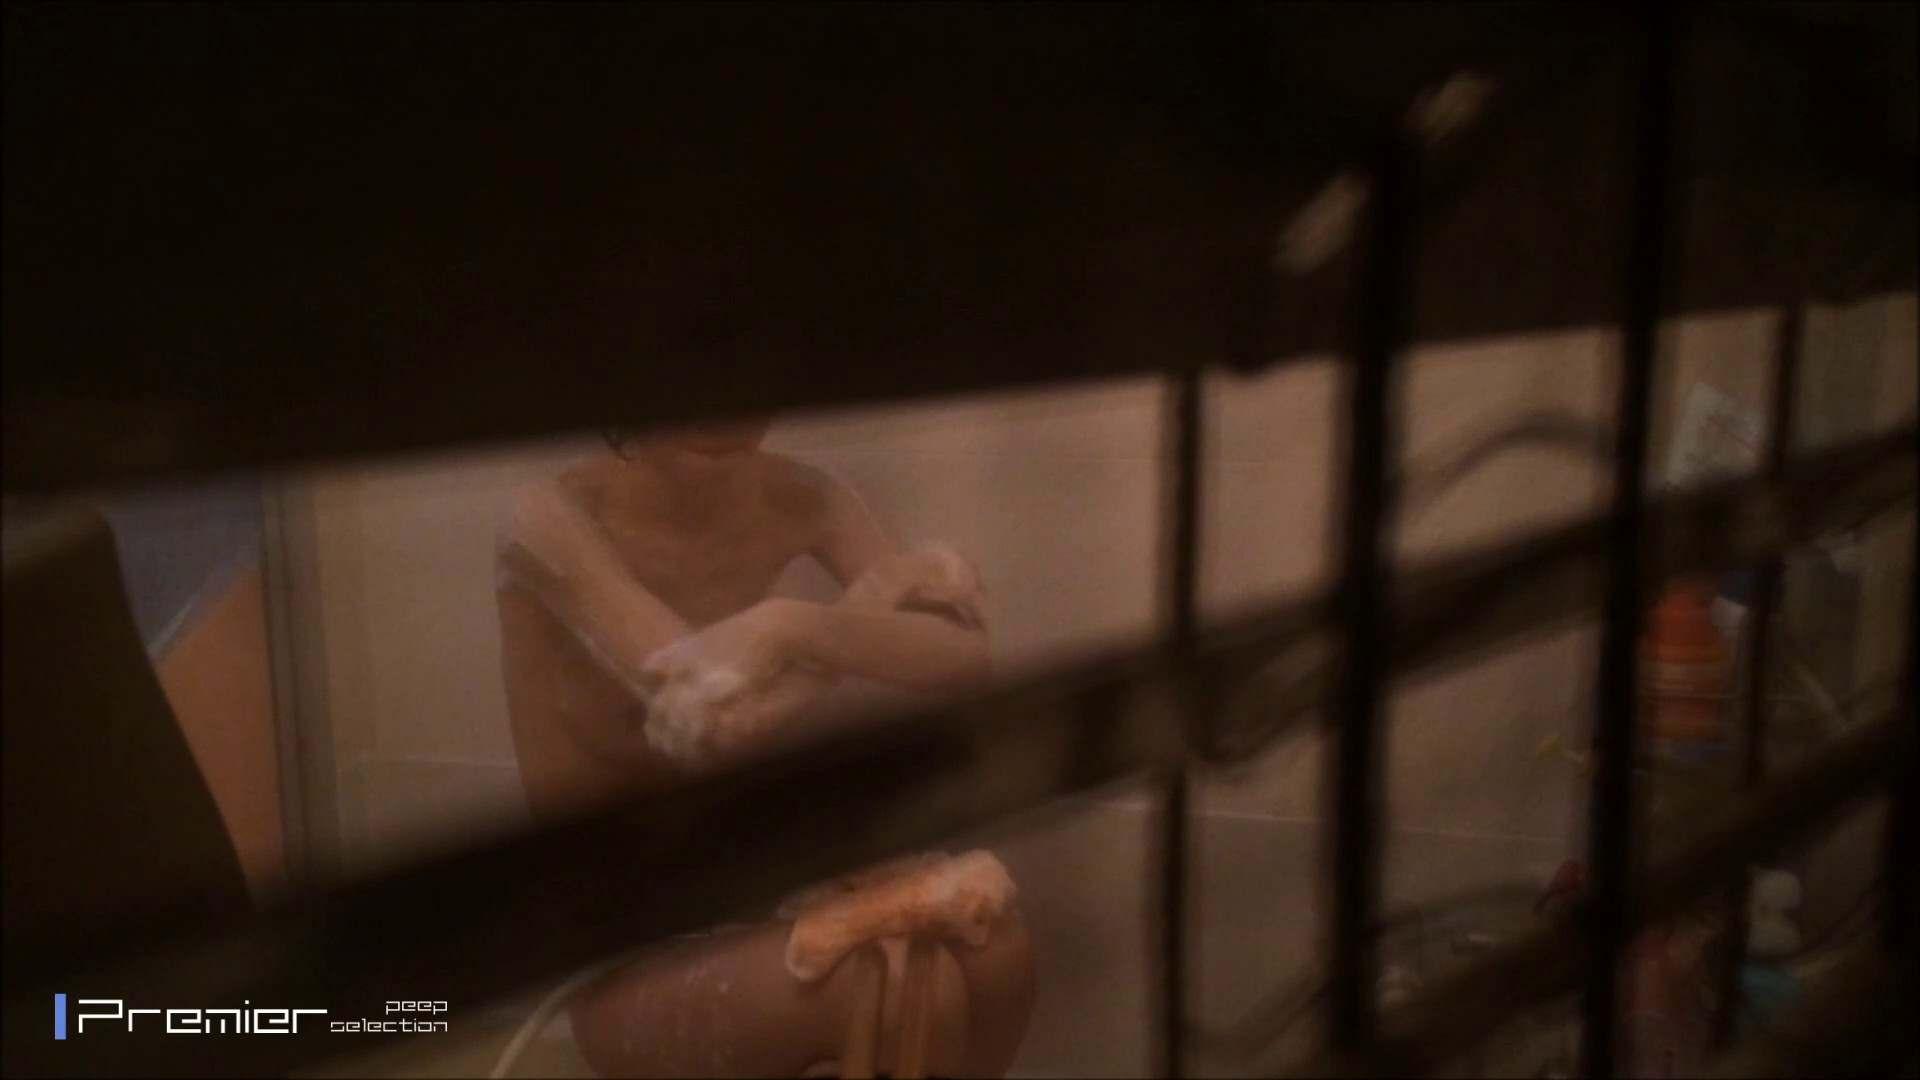 高画質フルハイビジョン スレンダー美女の入浴 乙女の風呂場 Vol.04 美肌 AV無料 75画像 49